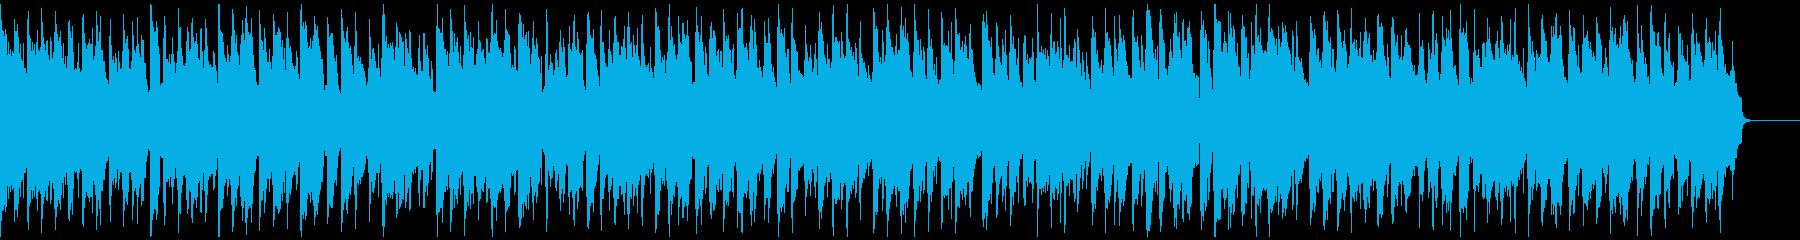 表彰式にヘンデルのアレンジ口笛 リズム抜の再生済みの波形